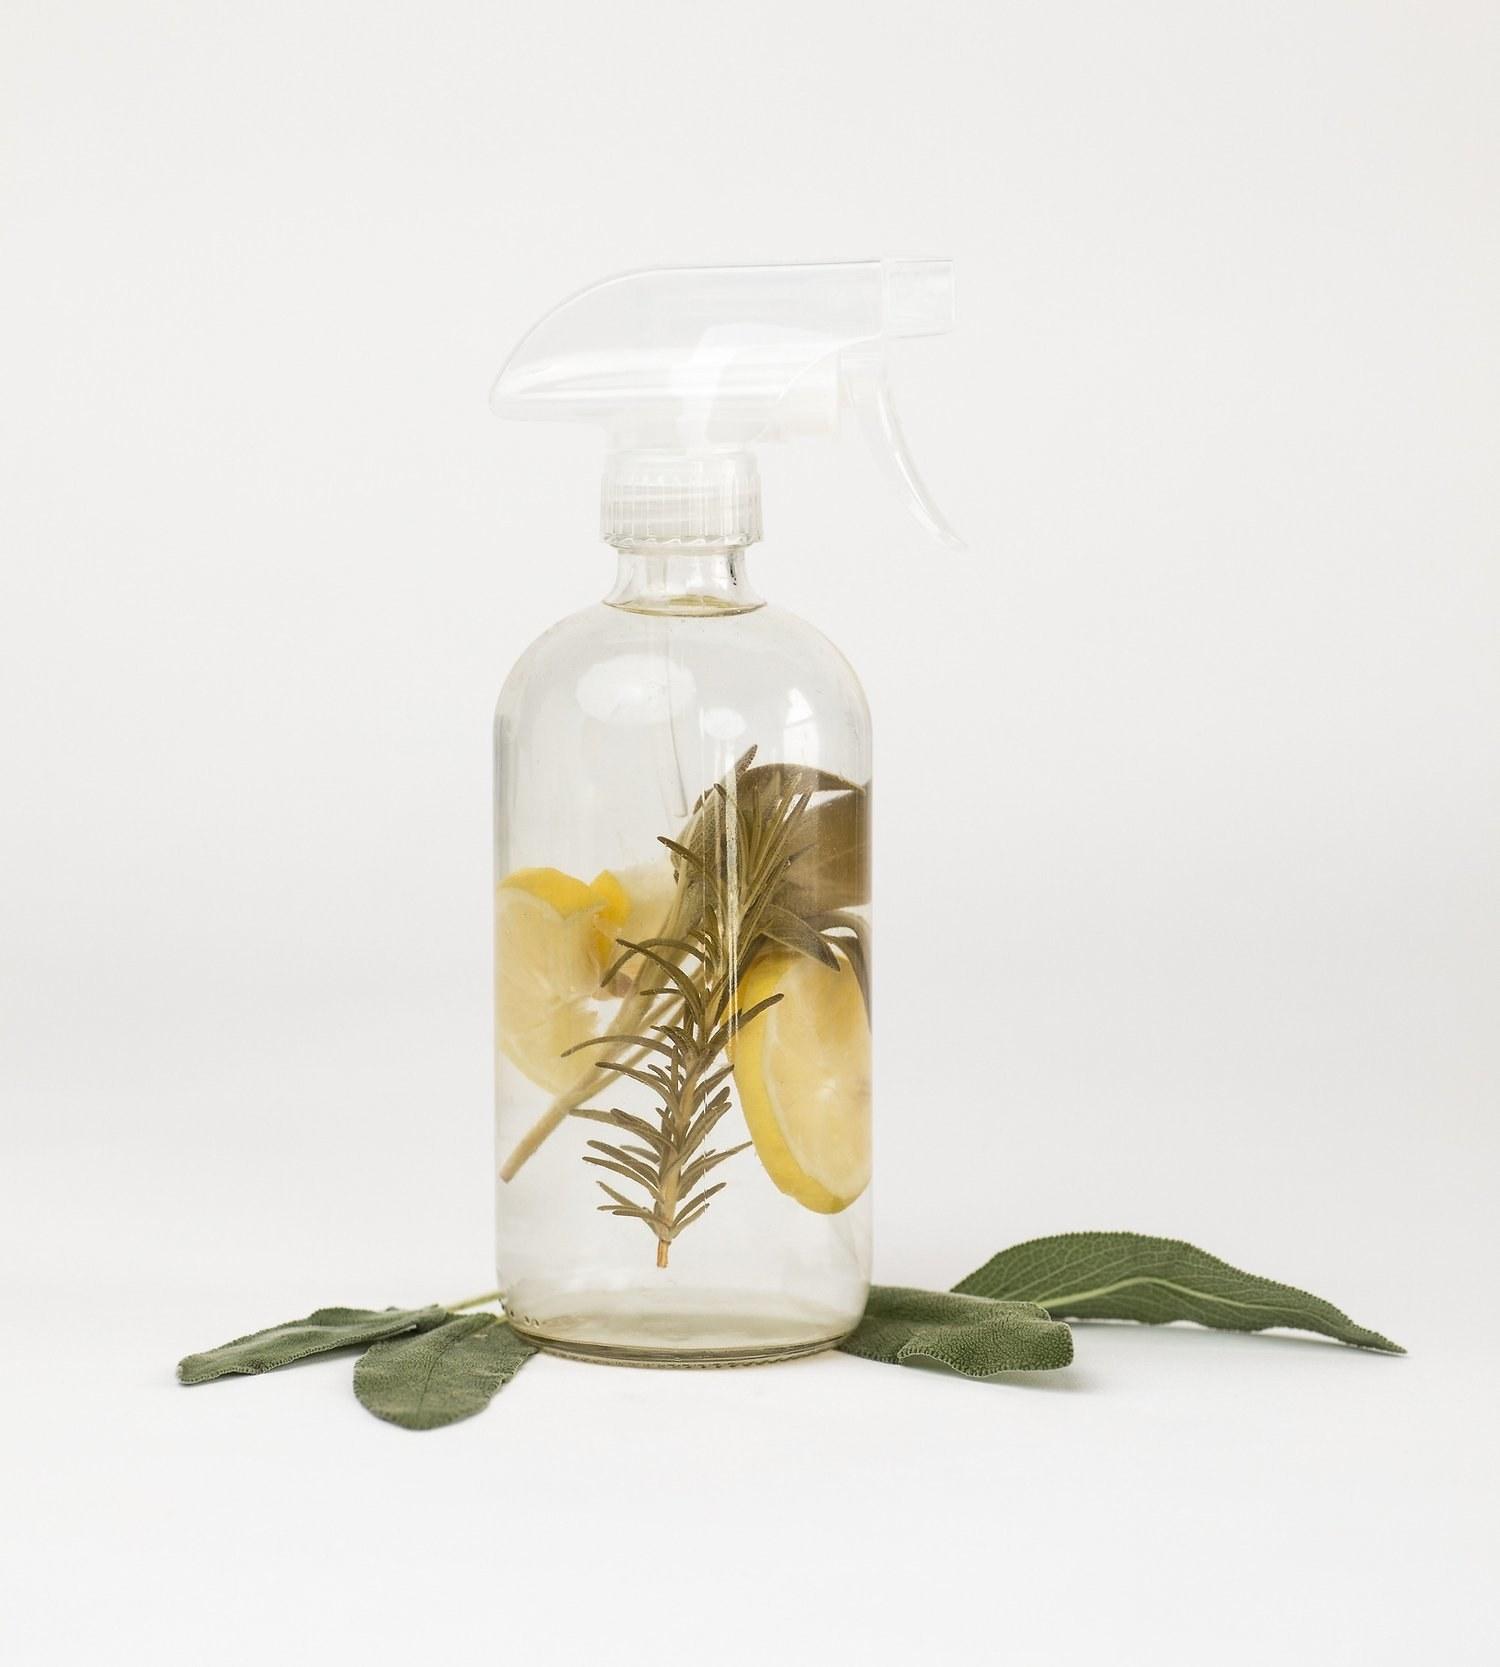 The multipurpose cleaner spray bottle